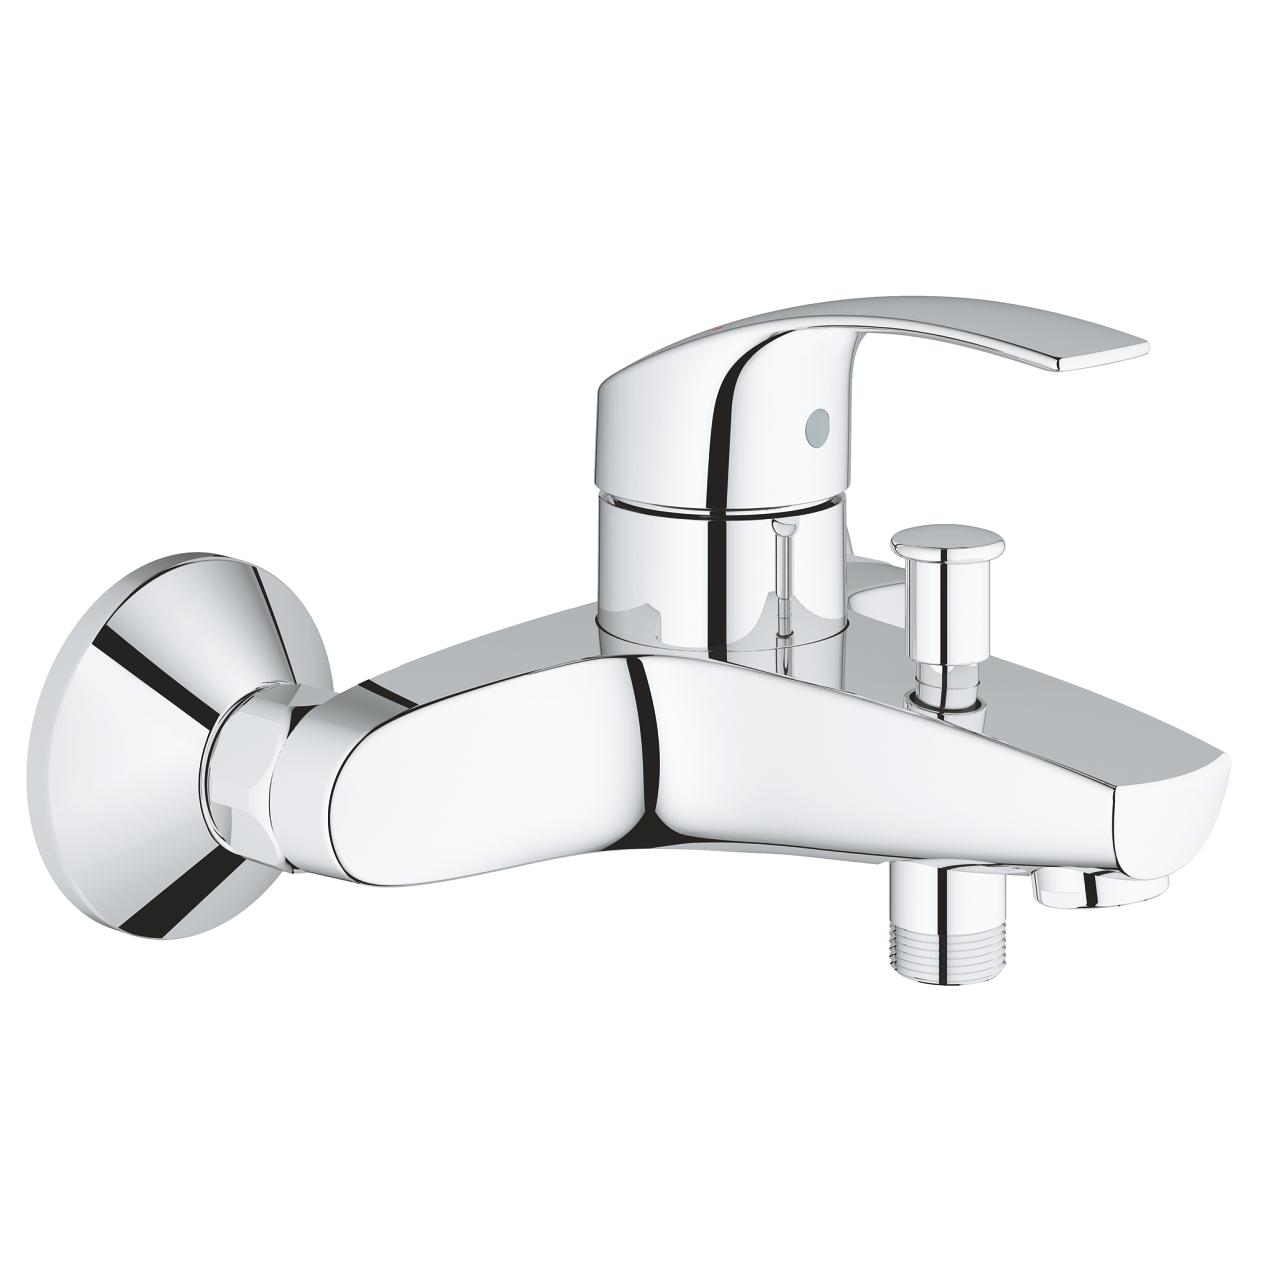 Смеситель Grohe ESM 2015 для ванны (33300002) смеситель grohe eurosmart 33300002